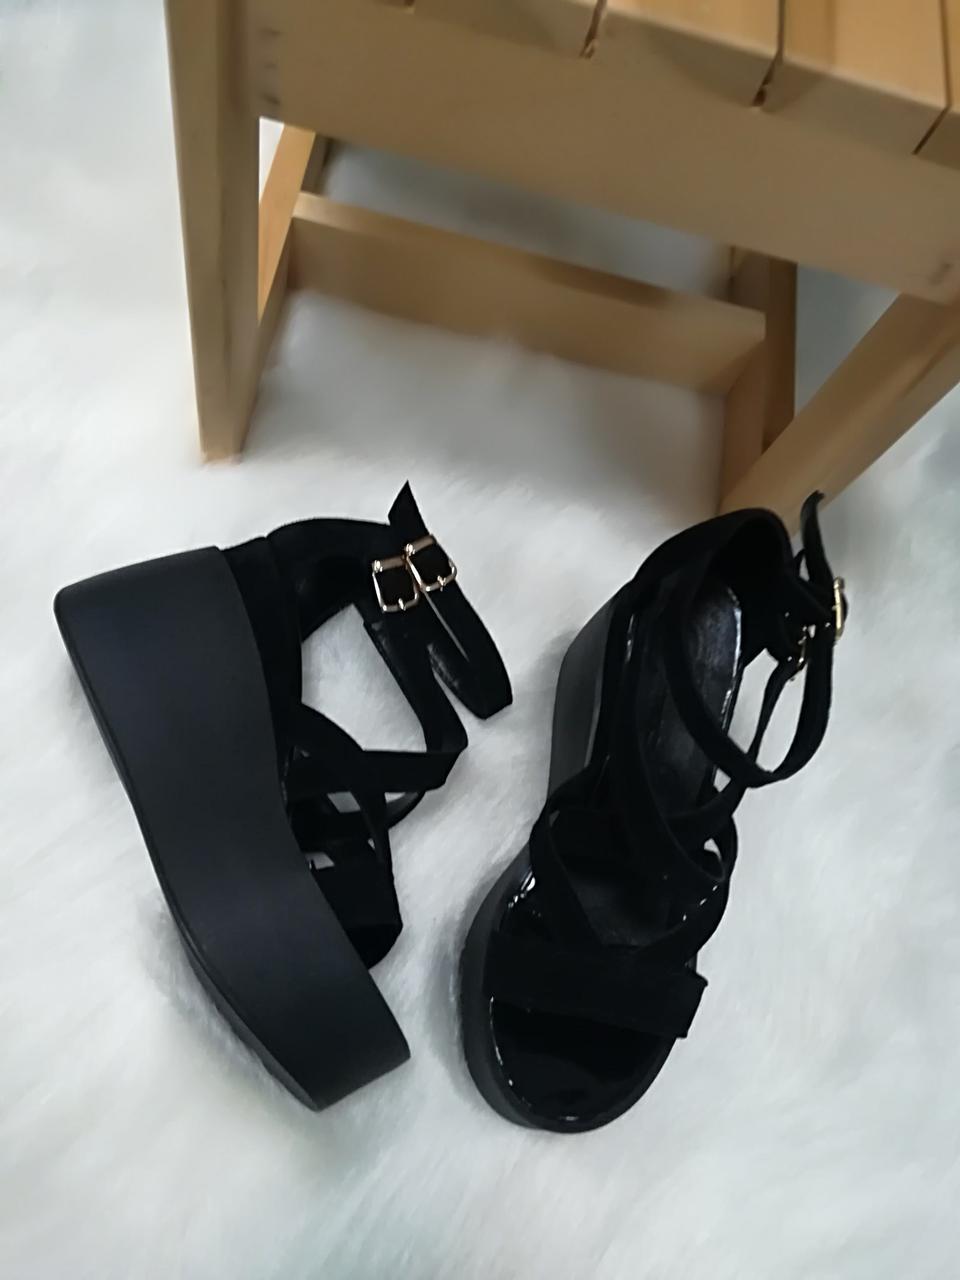 a0519822b Черные замшевые босоножки с ремешками на платформе - ГЛЯНЕЦ |  Интернет-магазин КОЖАНОЙ обуви с